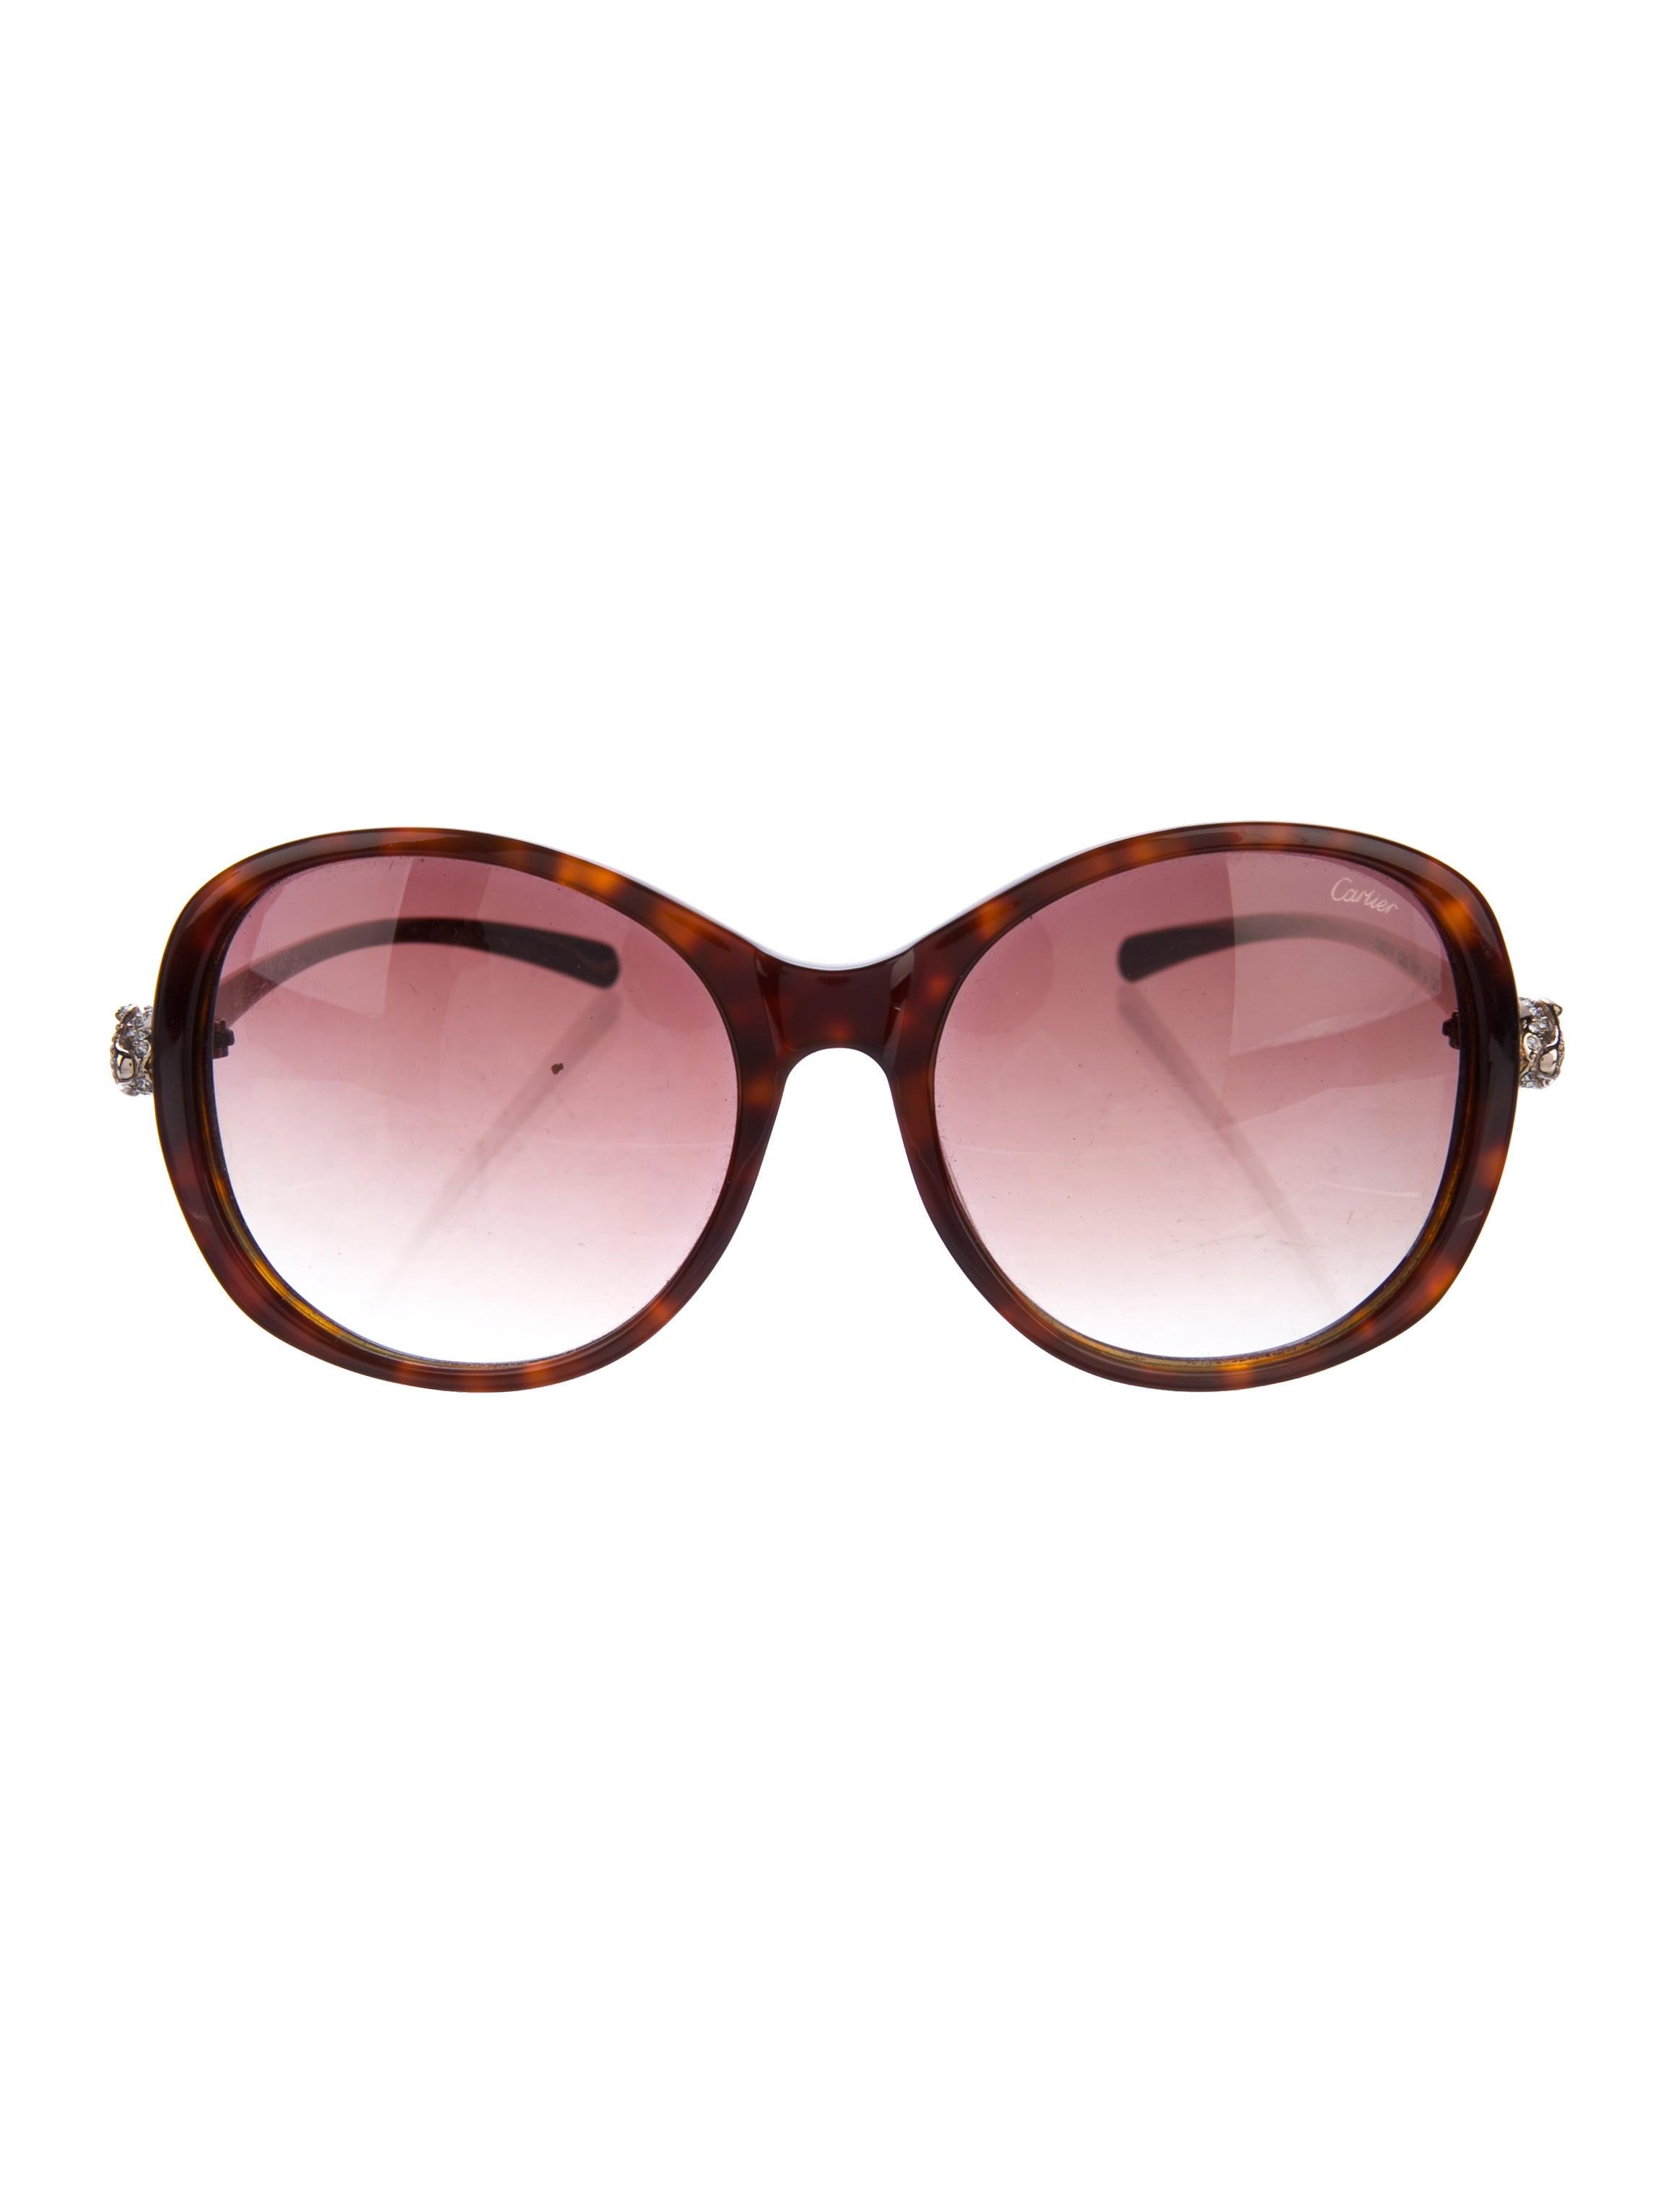 Cartier Panthère Gradient Sunglasses